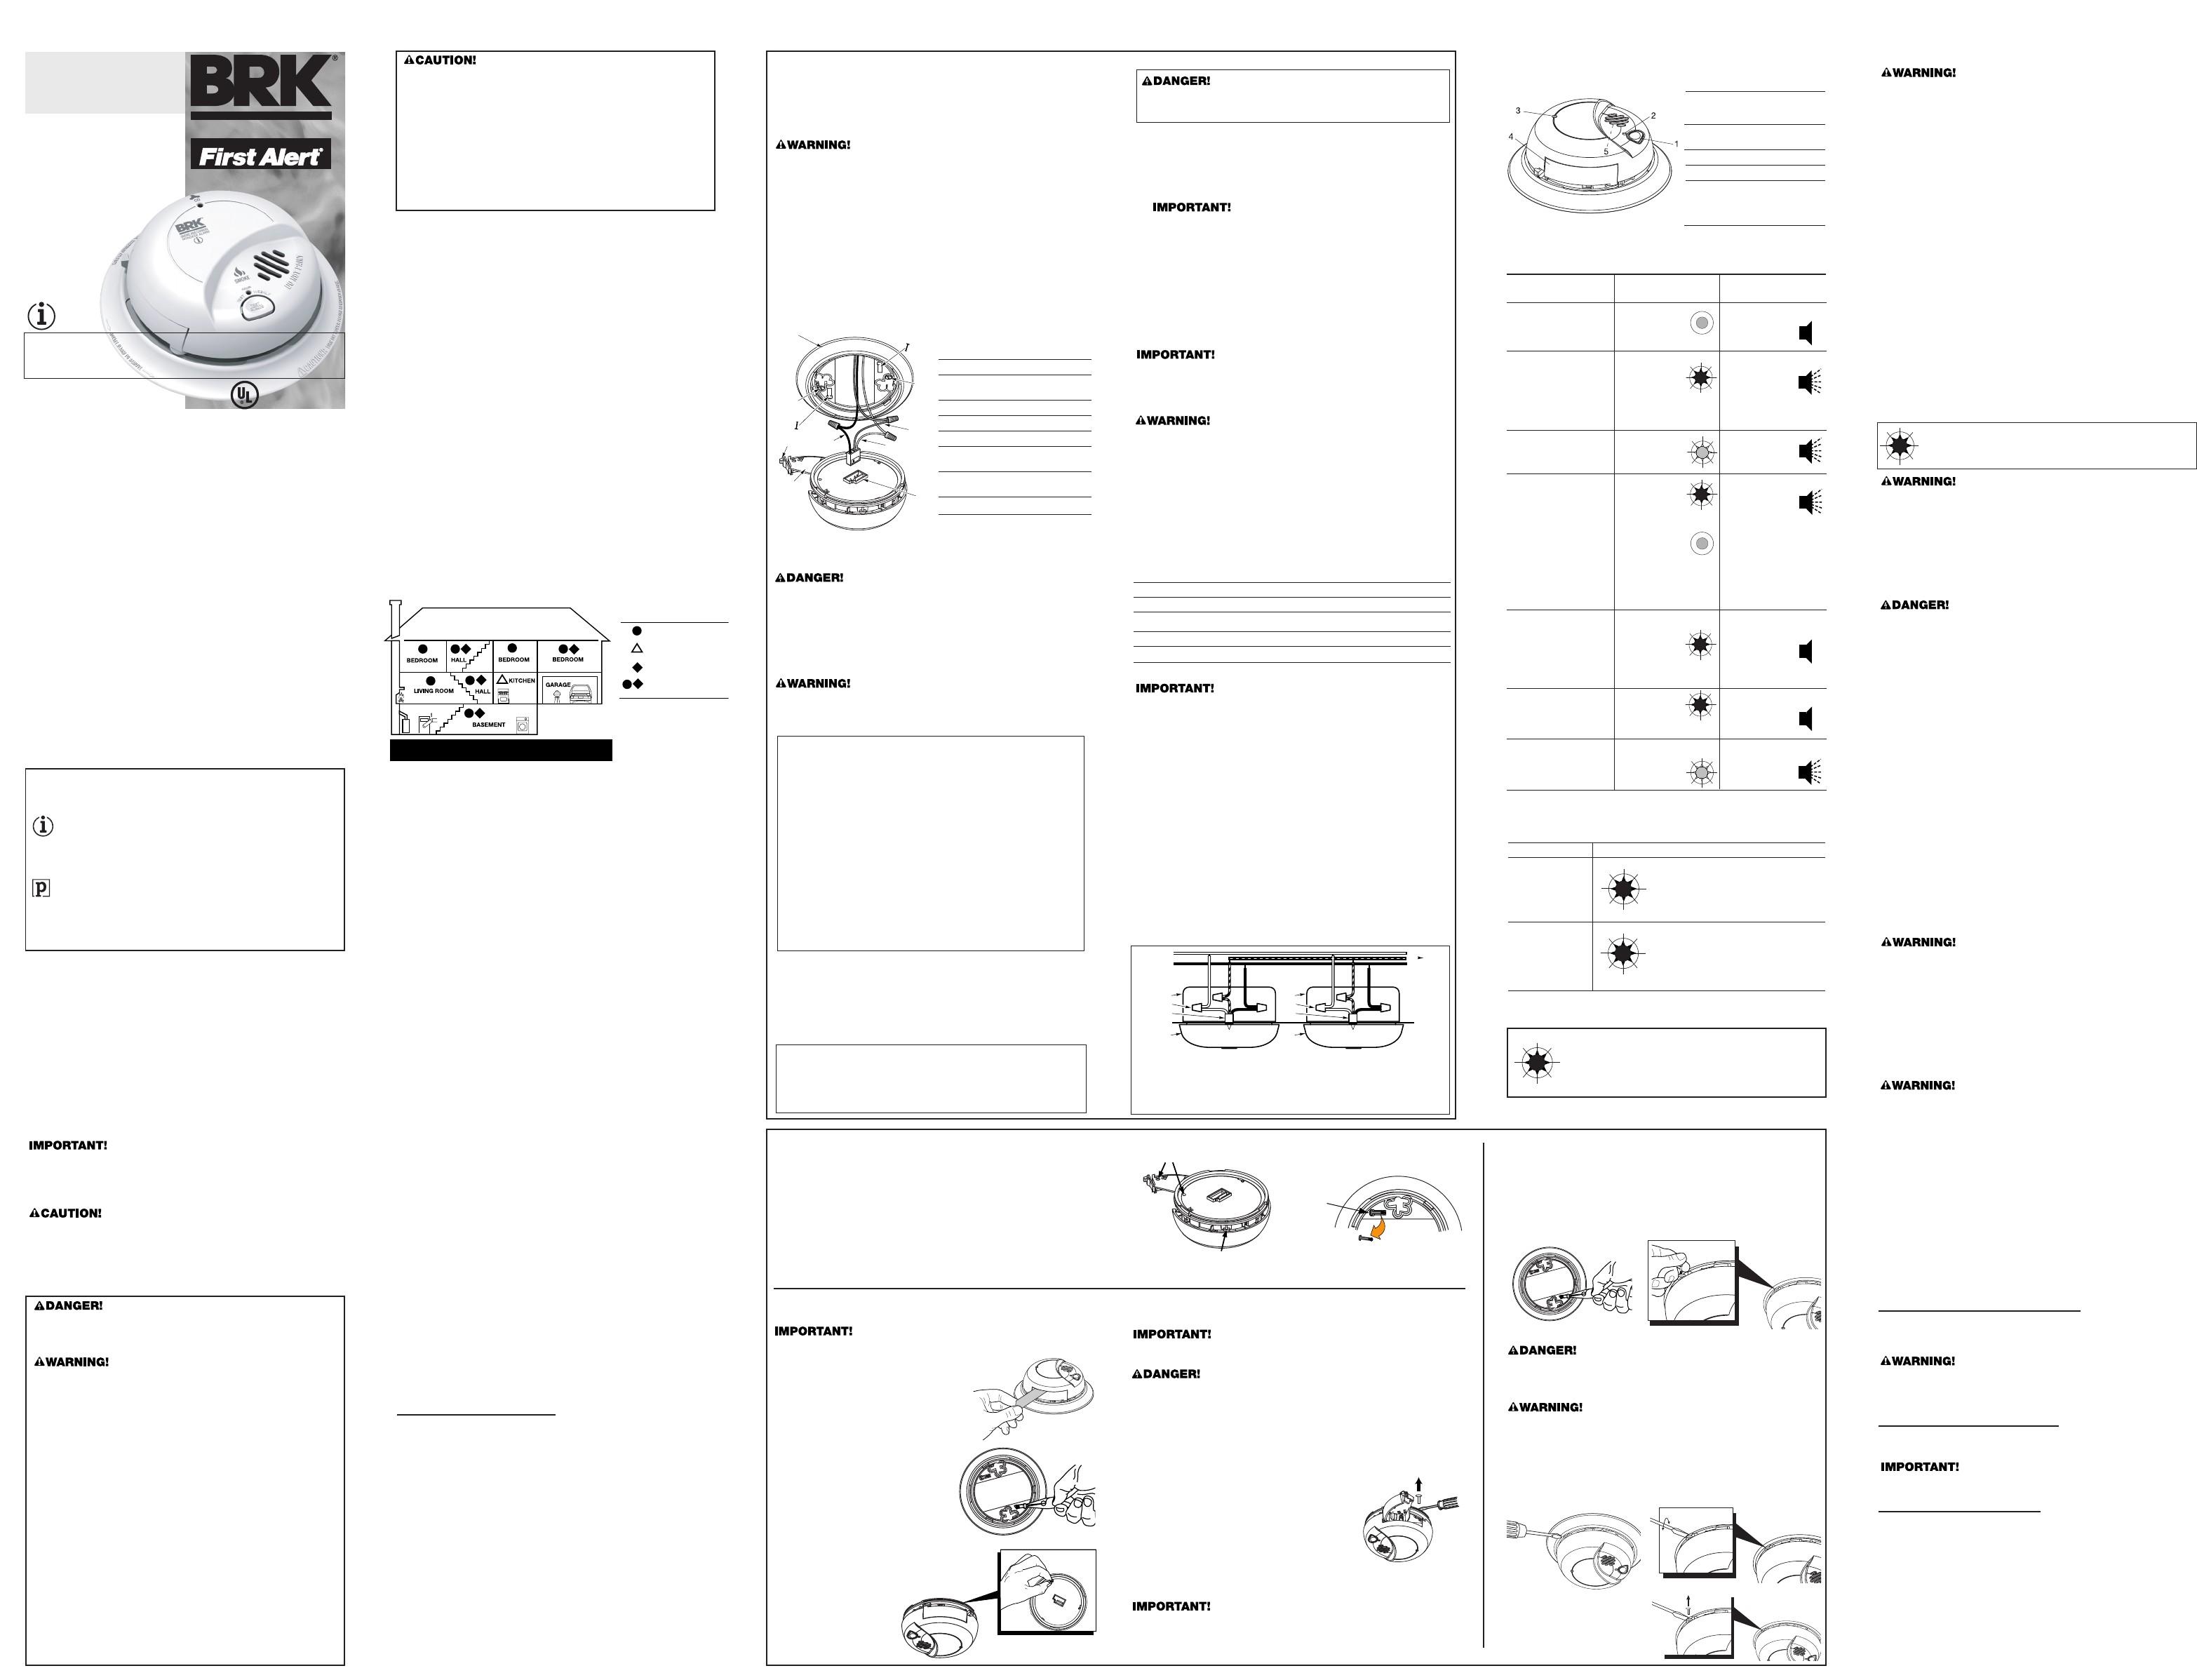 John Deere 4120 Fuse Box Trusted Wiring Diagrams 4500c Diagram Car U2022 Panel